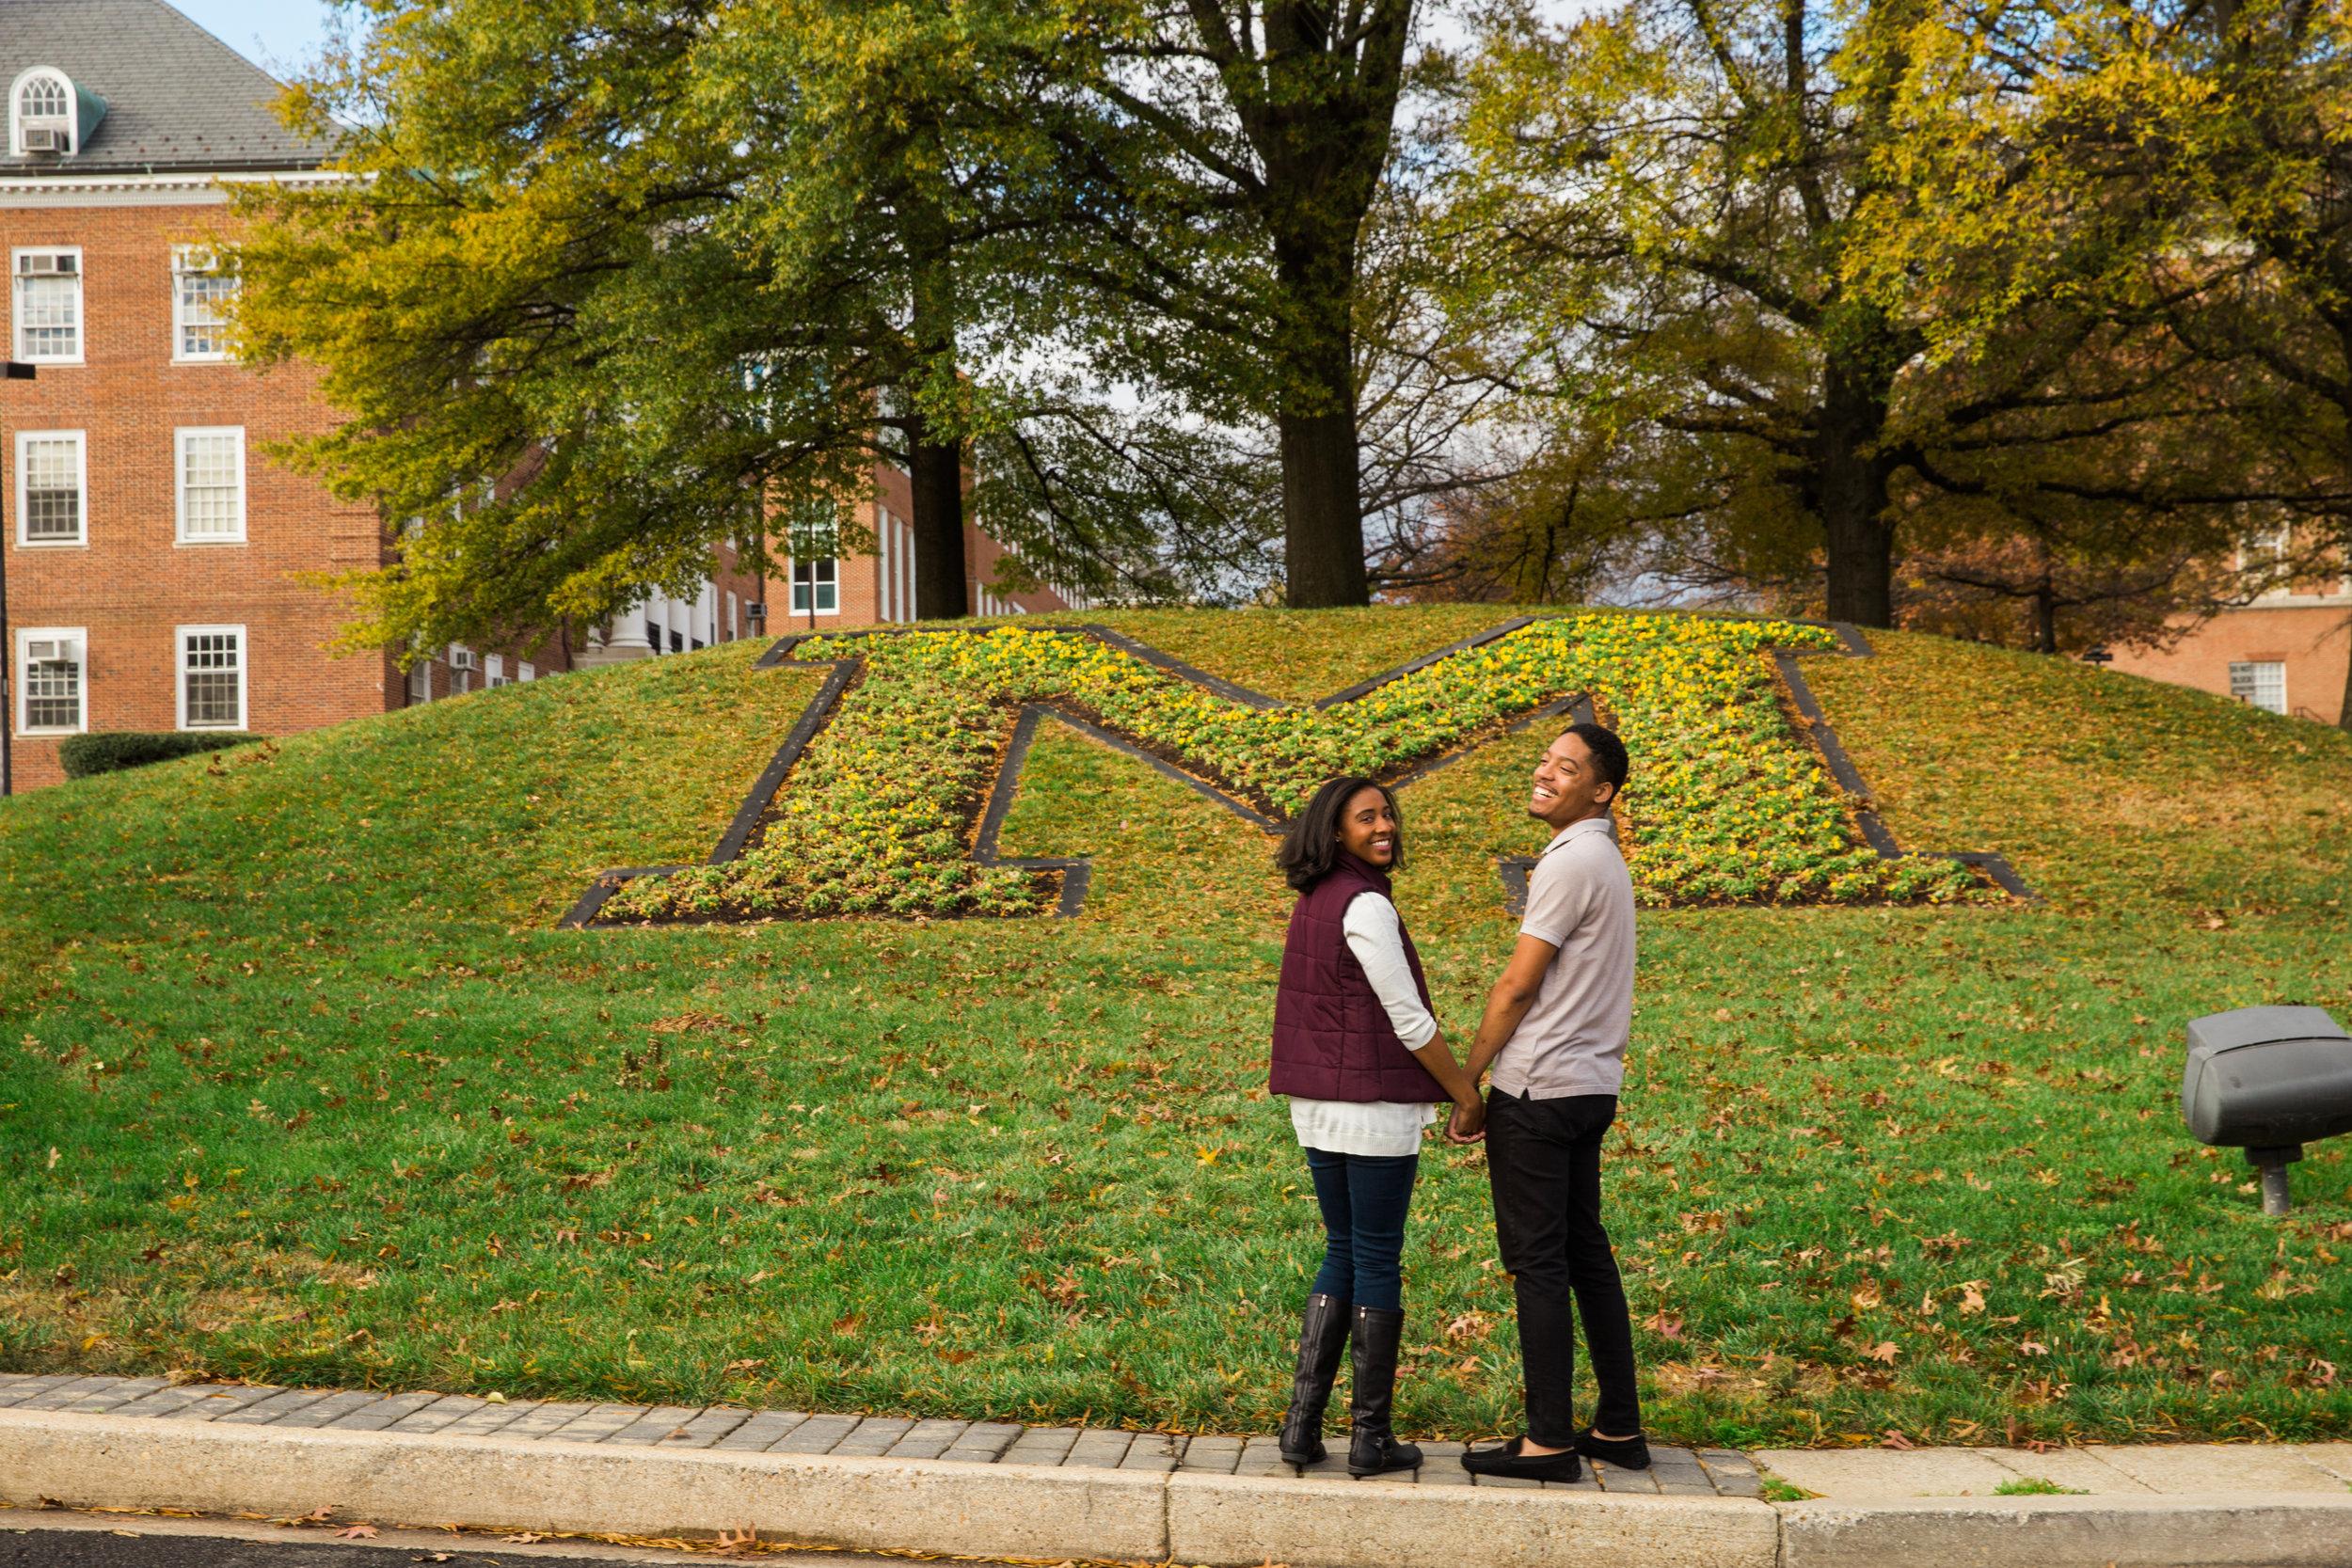 University of Maryland Engagement Session Photography-2.jpg